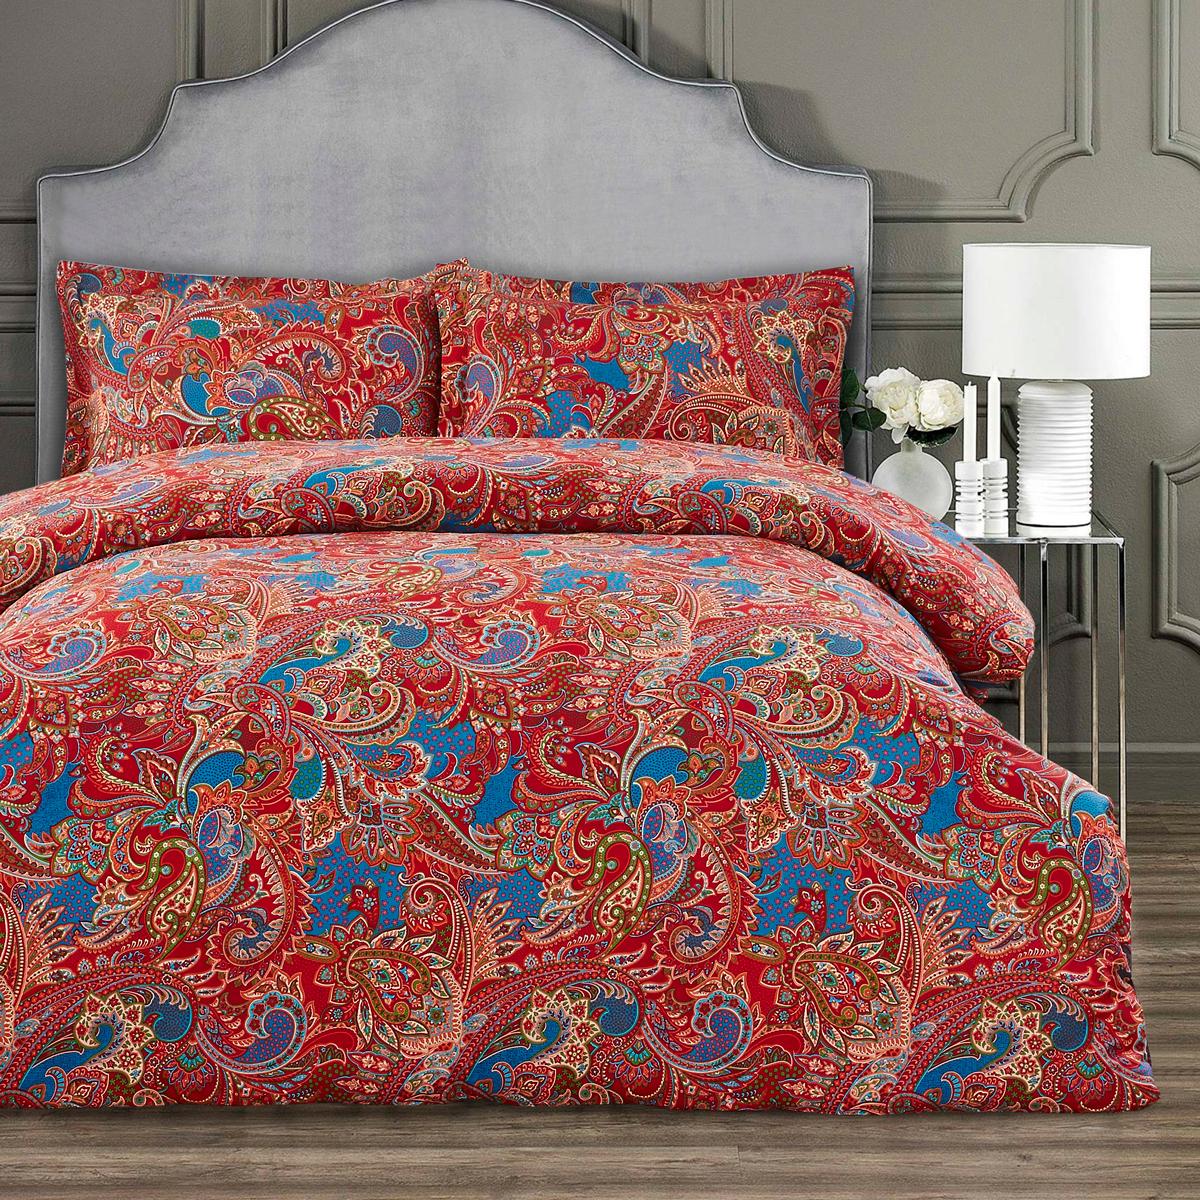 Купить Комплекты постельного белья Arya, Постельное белье Flamare Цвет: Красный (2 сп. евро), Турция, Хлопковый сатин